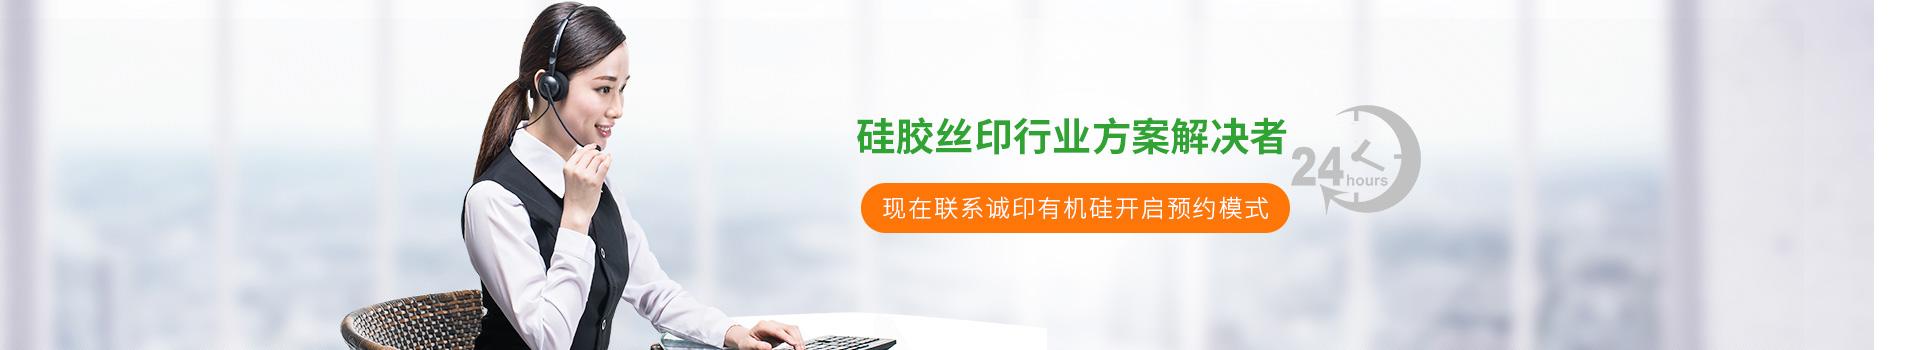 诚印有机硅已成功为上千家客户解决硅胶印花问题